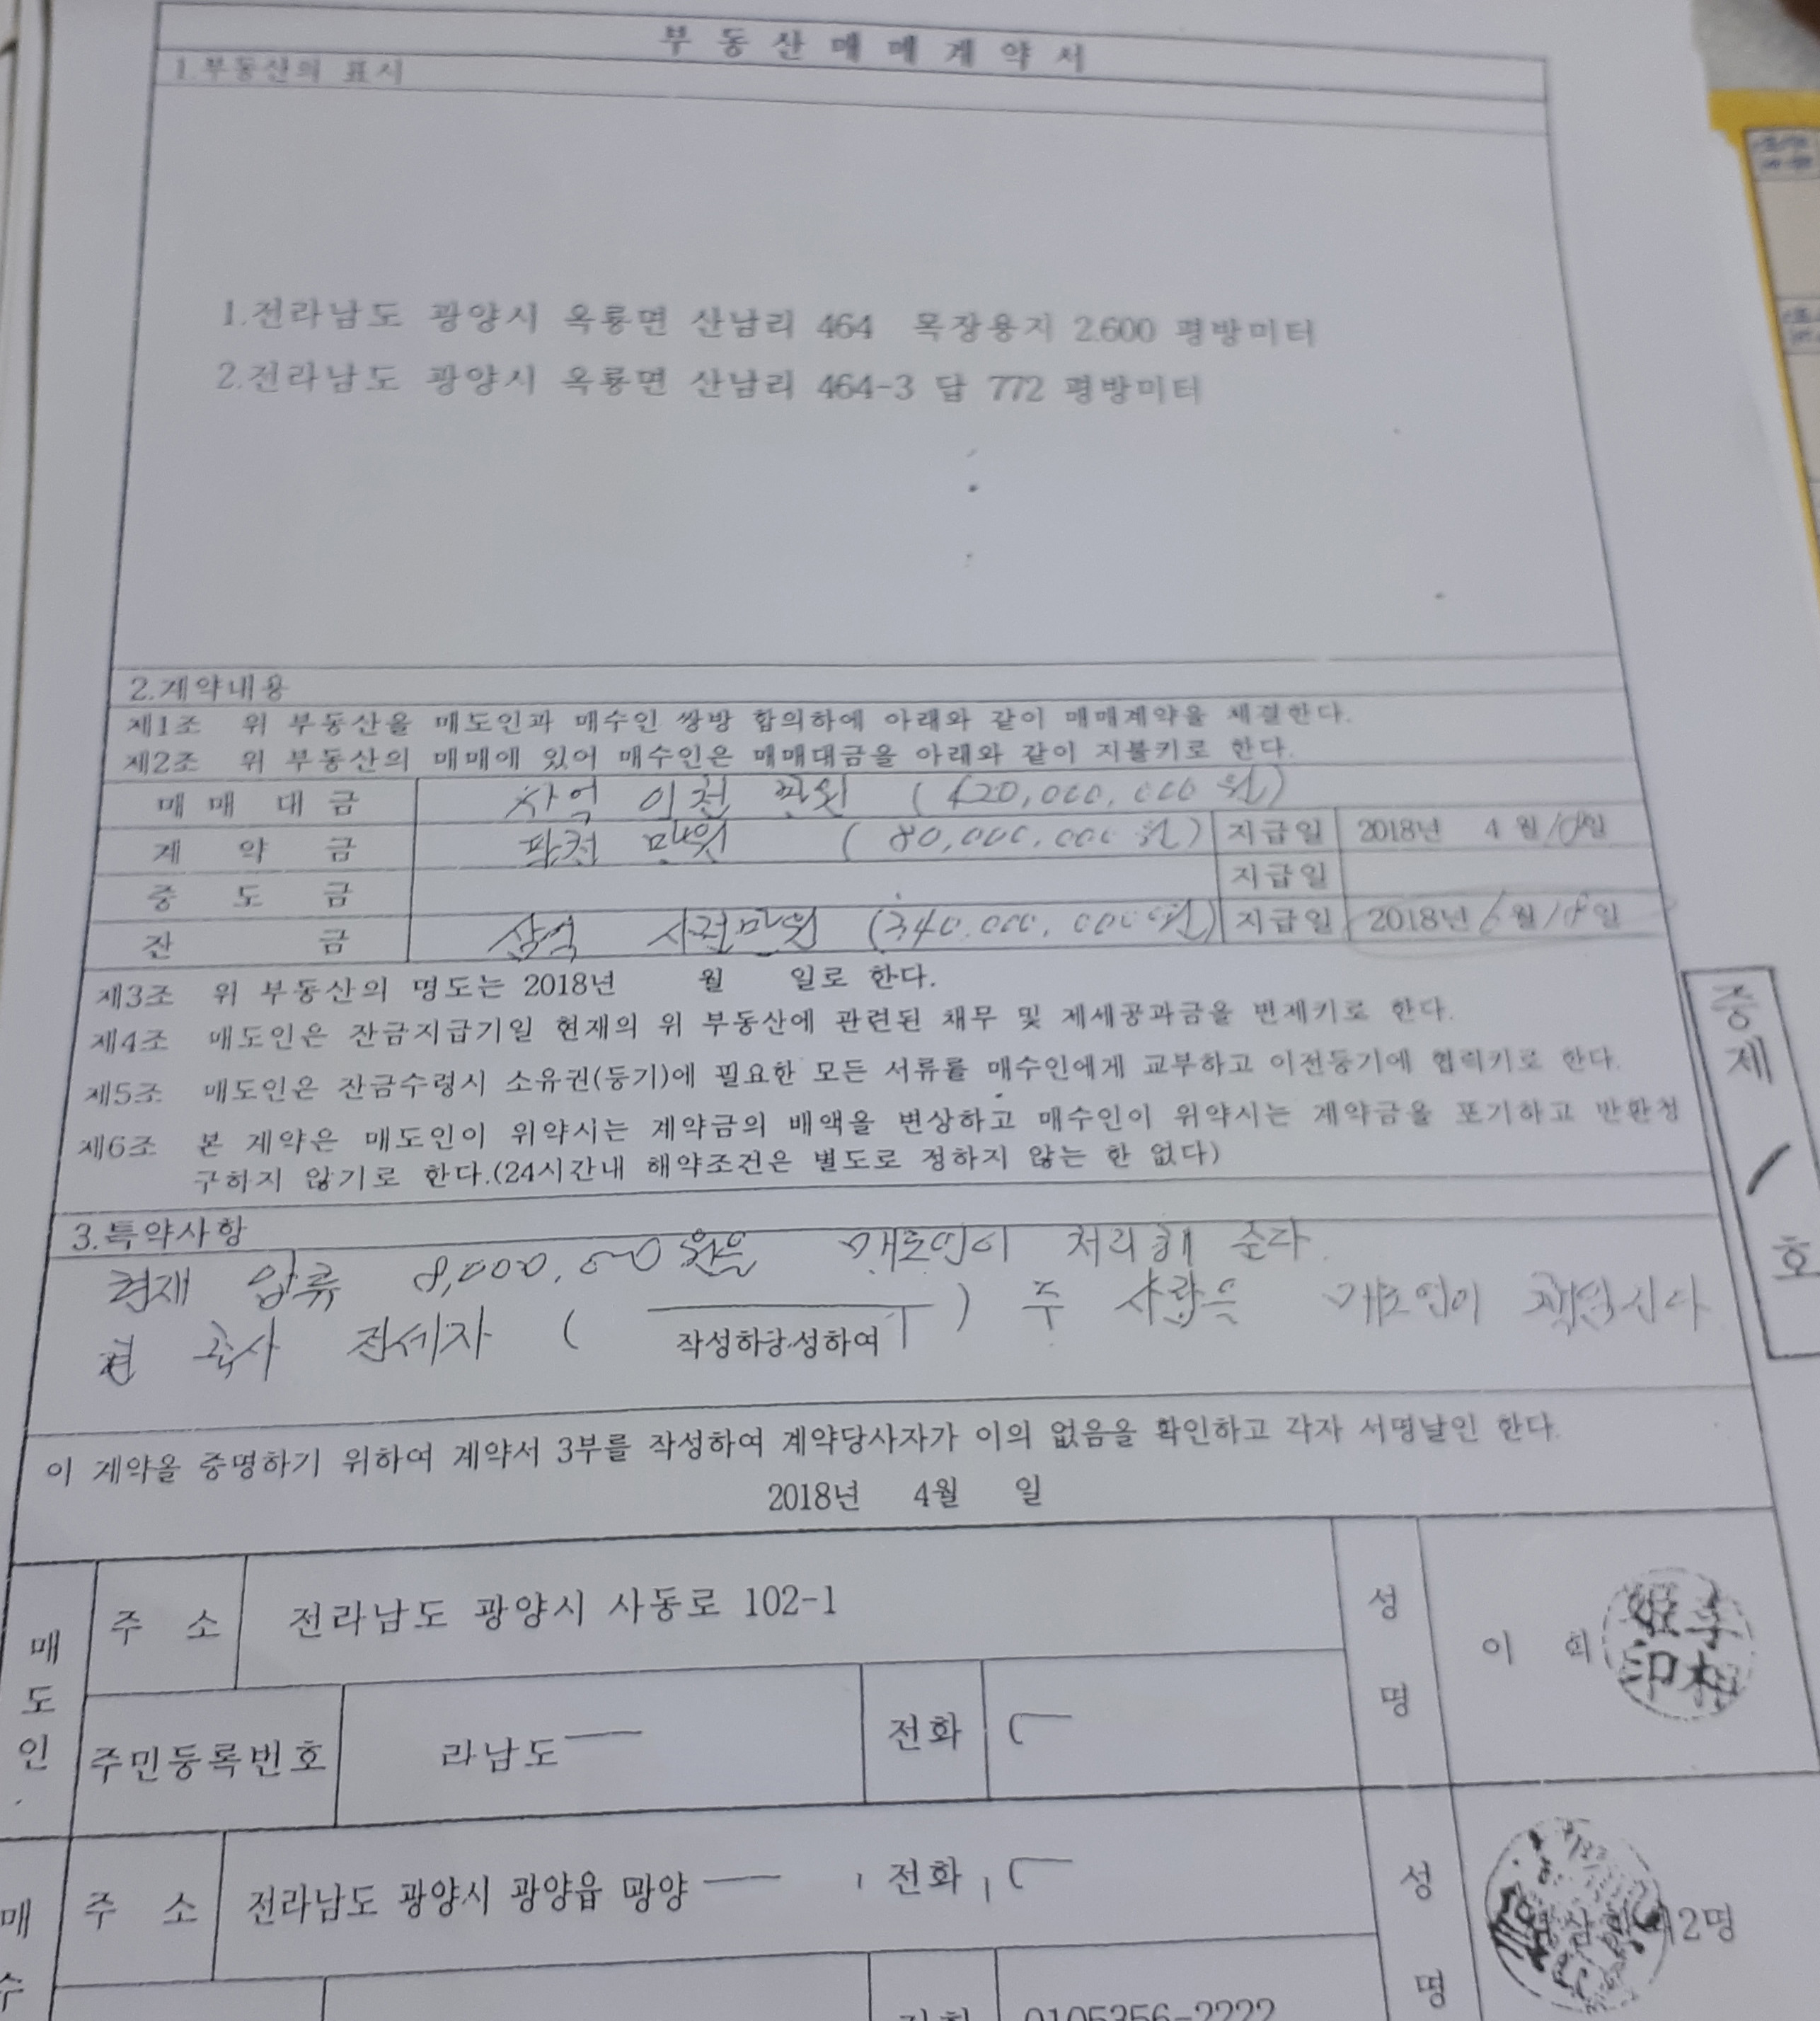 순천광양 축협 '불법부동산담보대출'고의냐 실수냐 ?